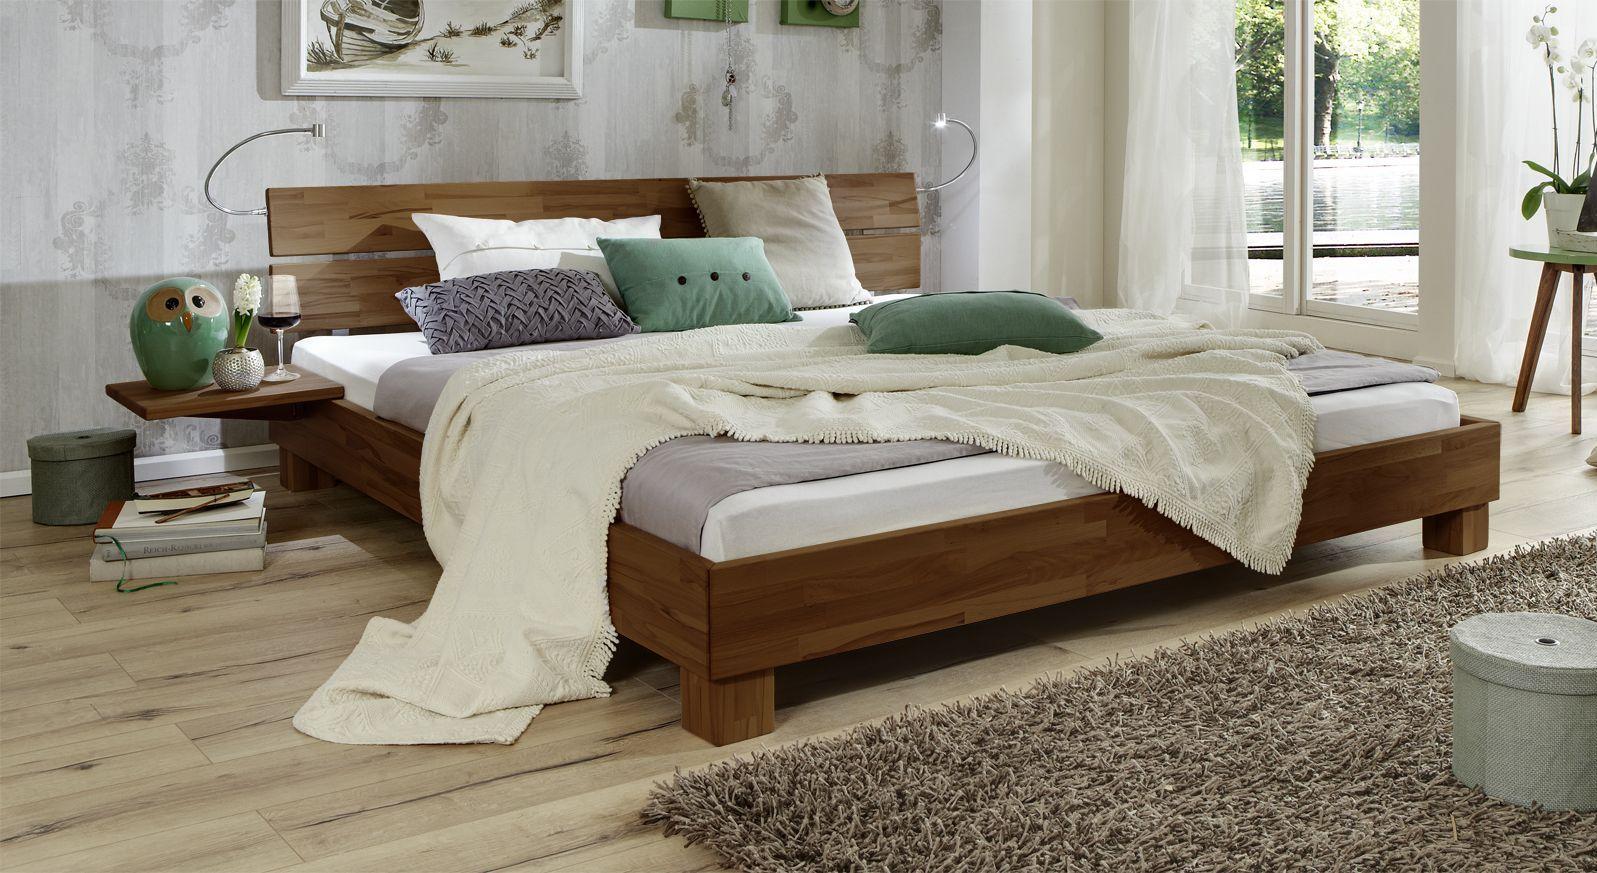 Bett Mera aus Massivholz in Buche nussbaumfarben